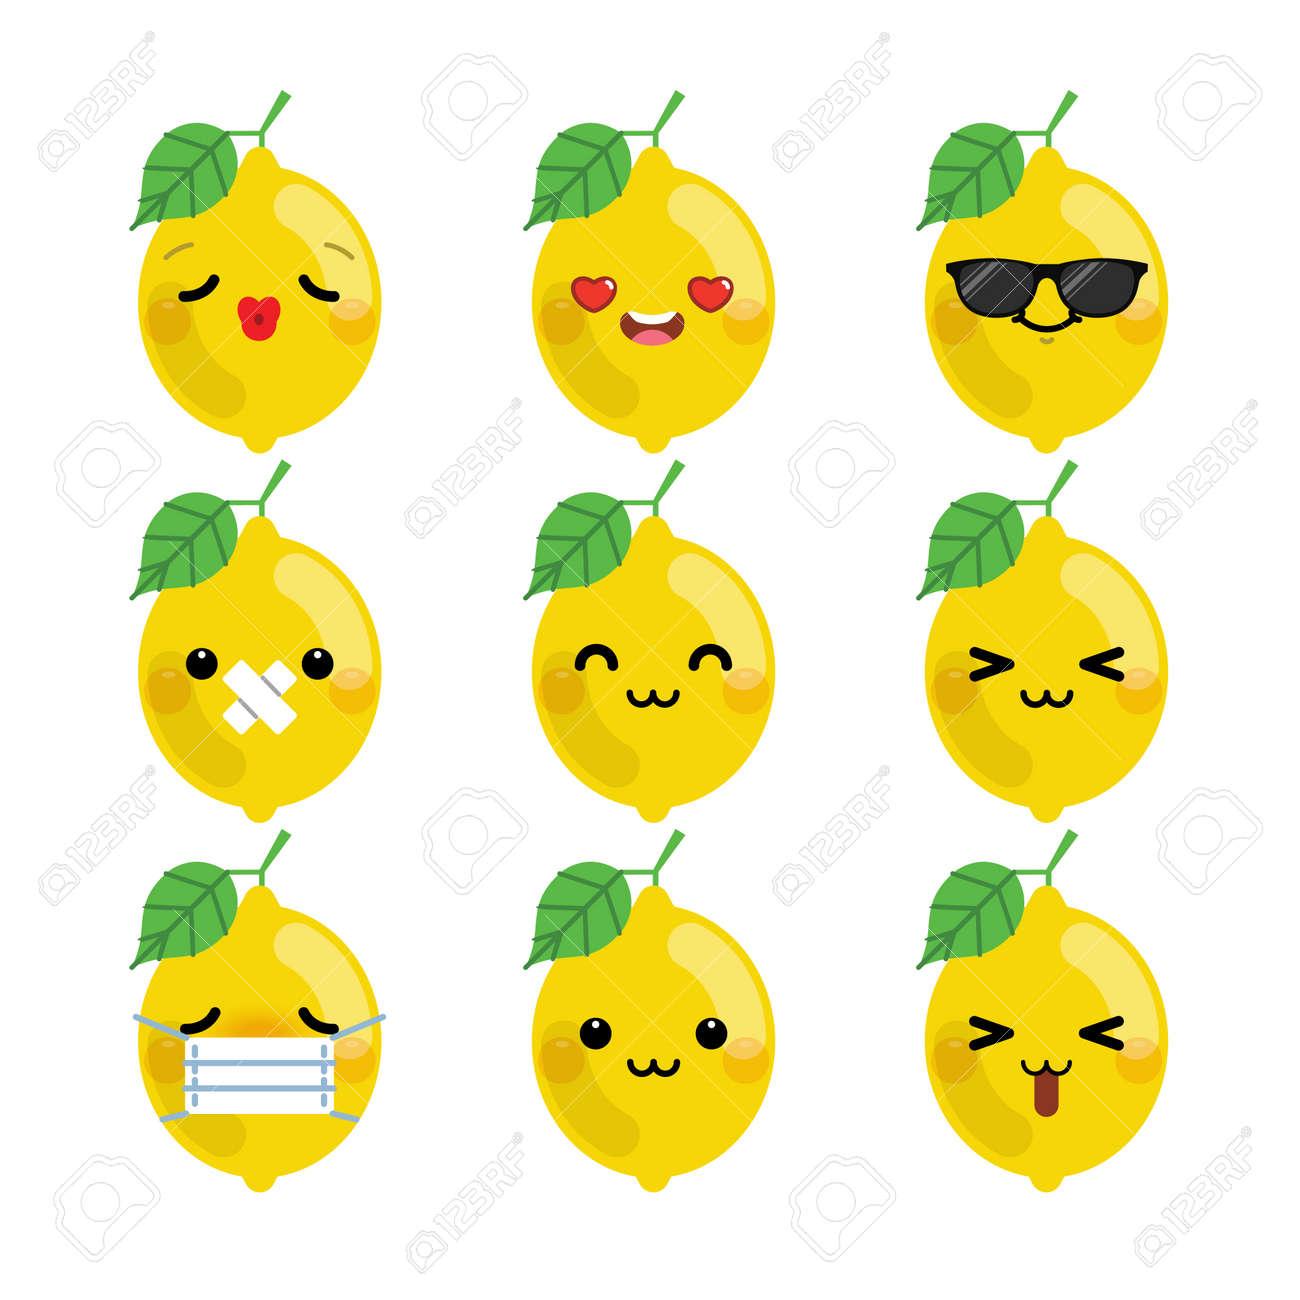 Set of cute cartoon lemon emoji set isolated on white background. Vector Illustration. - 155924814